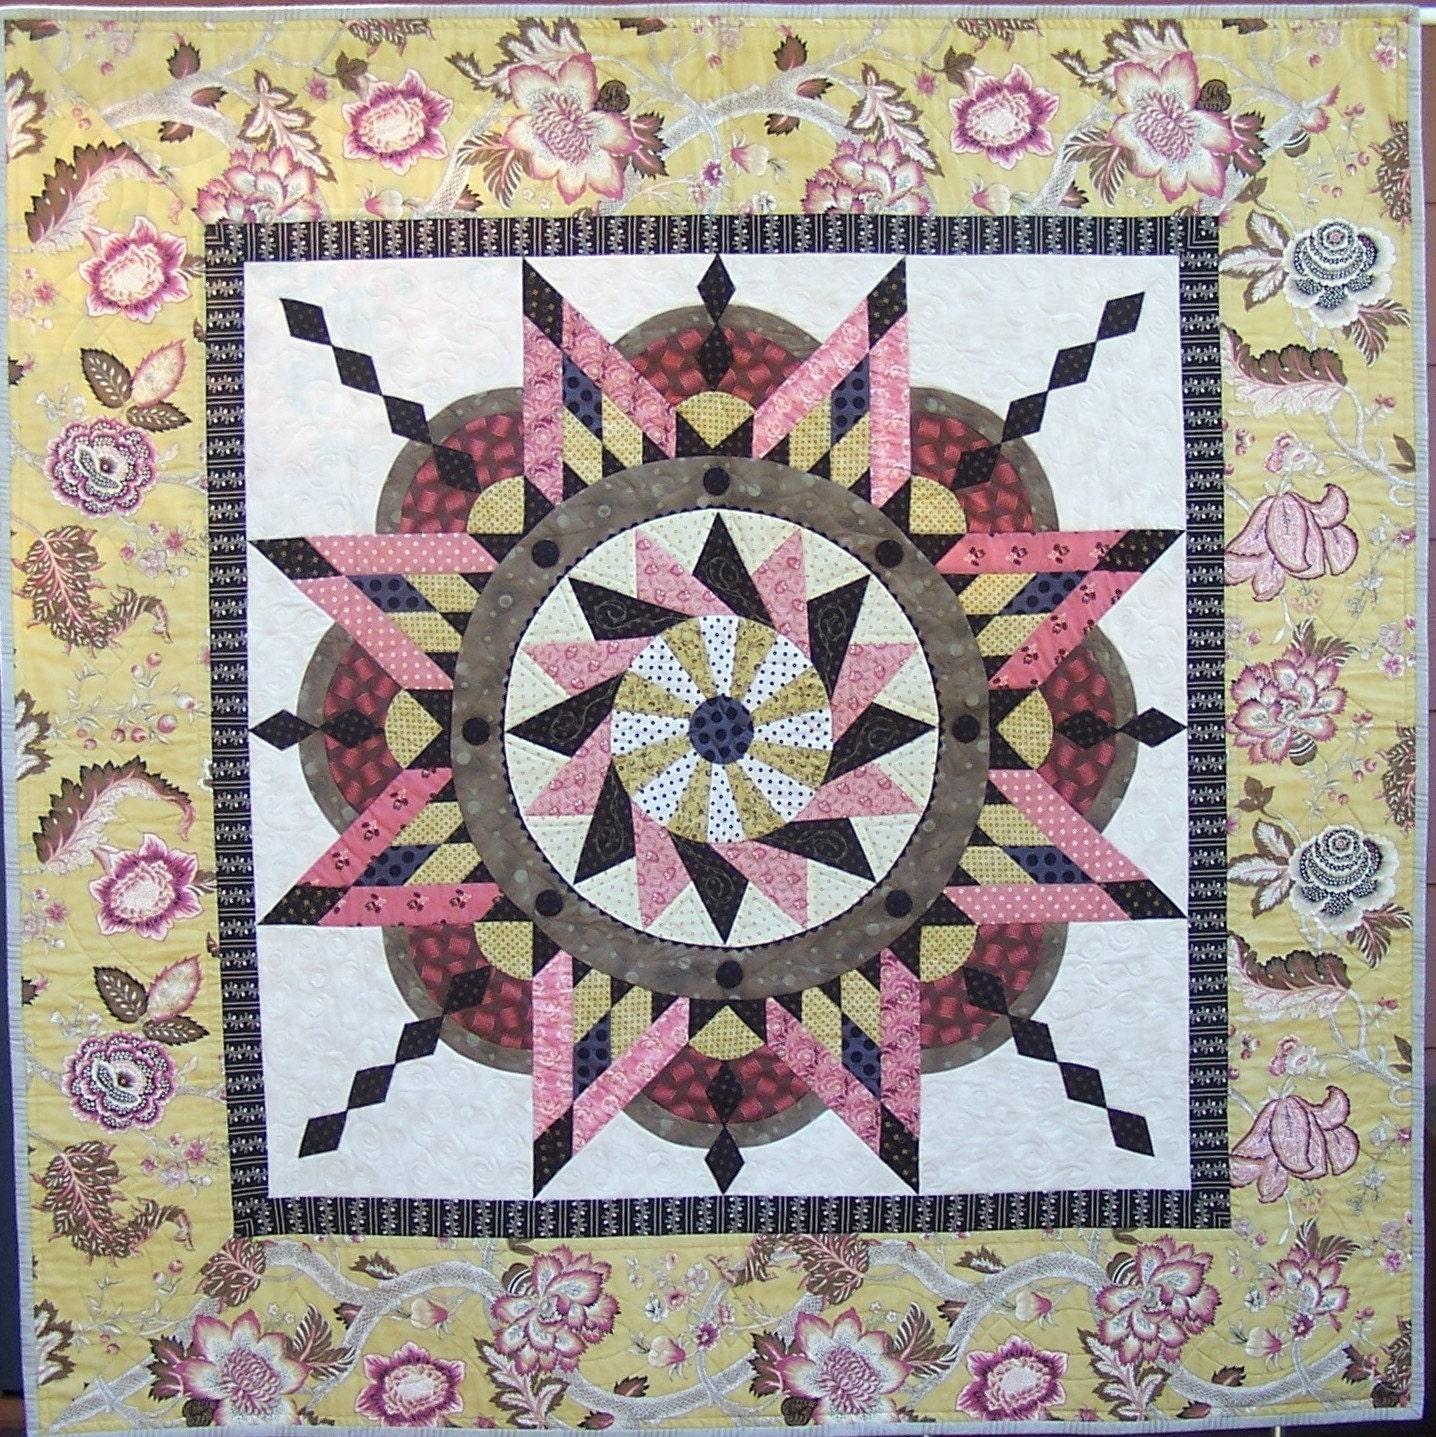 Jacobean Star quilt pattern : jacobean quilt - Adamdwight.com